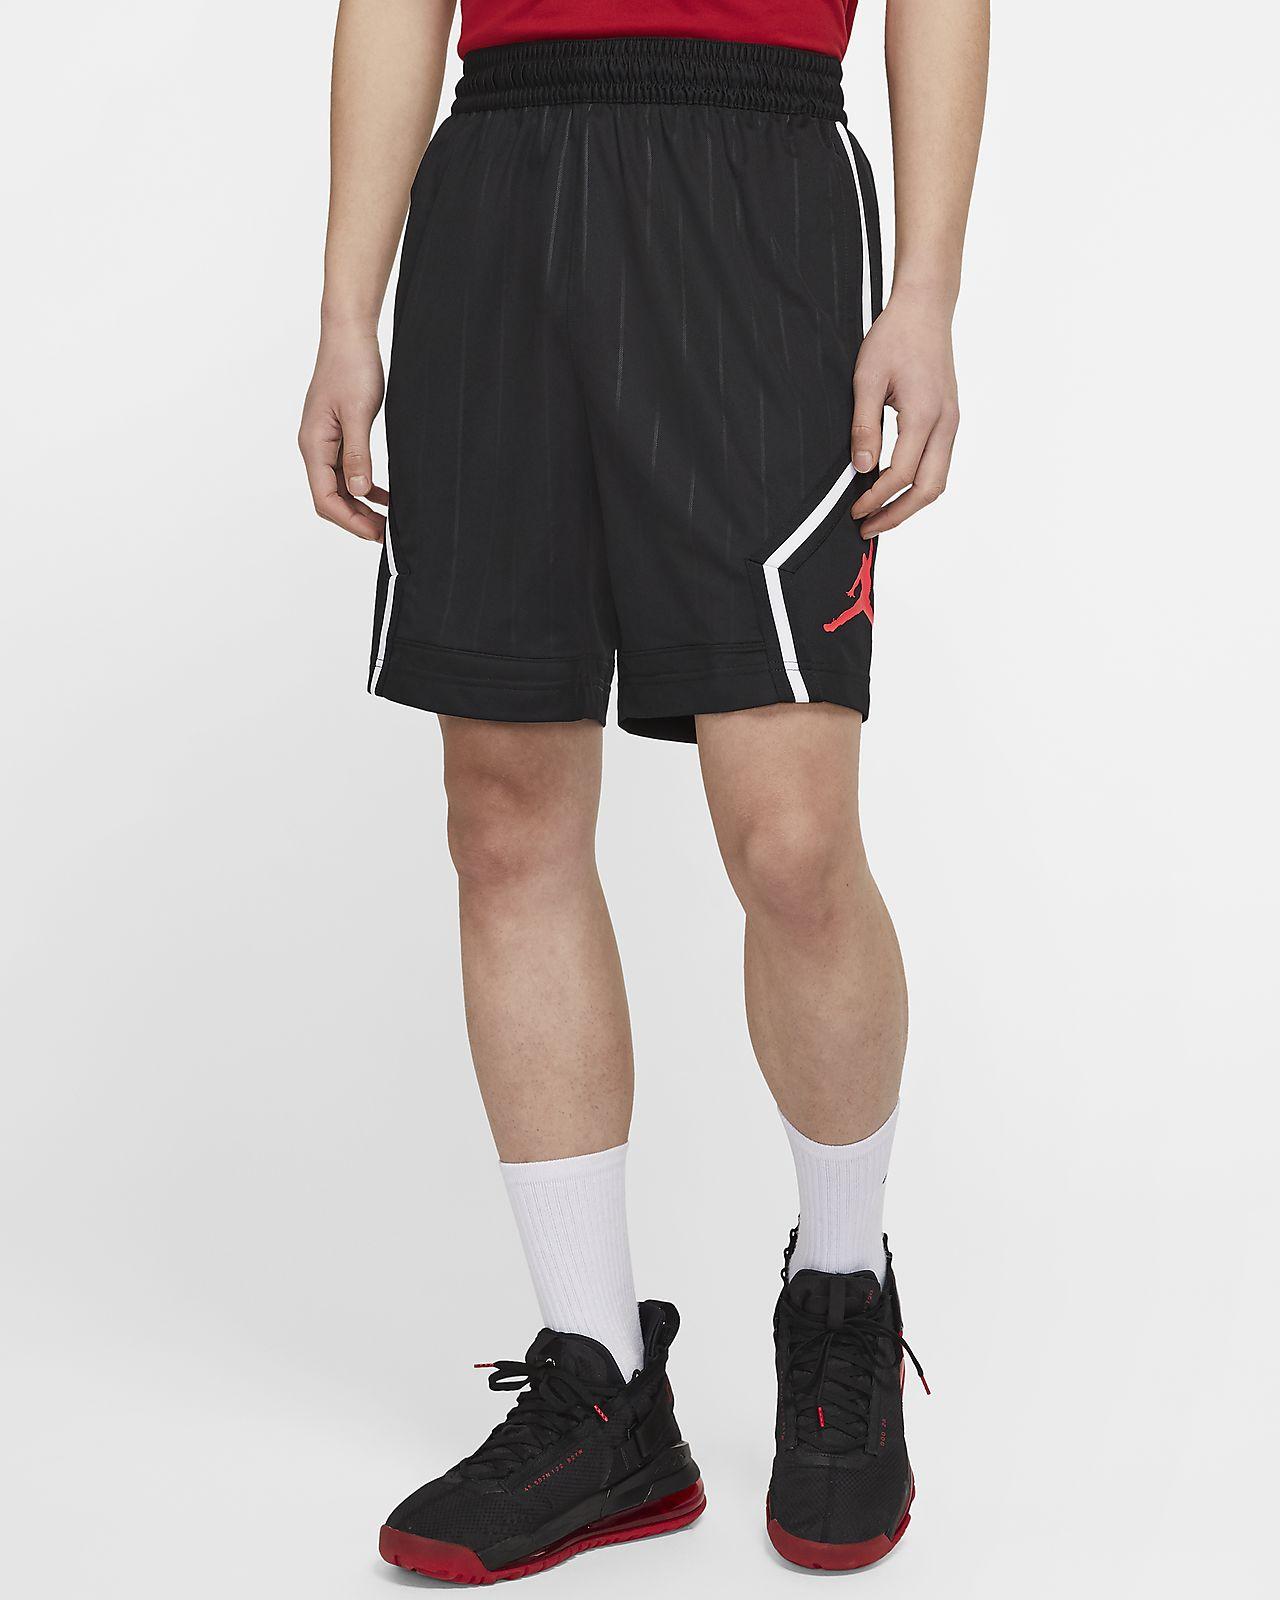 Jordan Jumpman Diamond 男子短裤